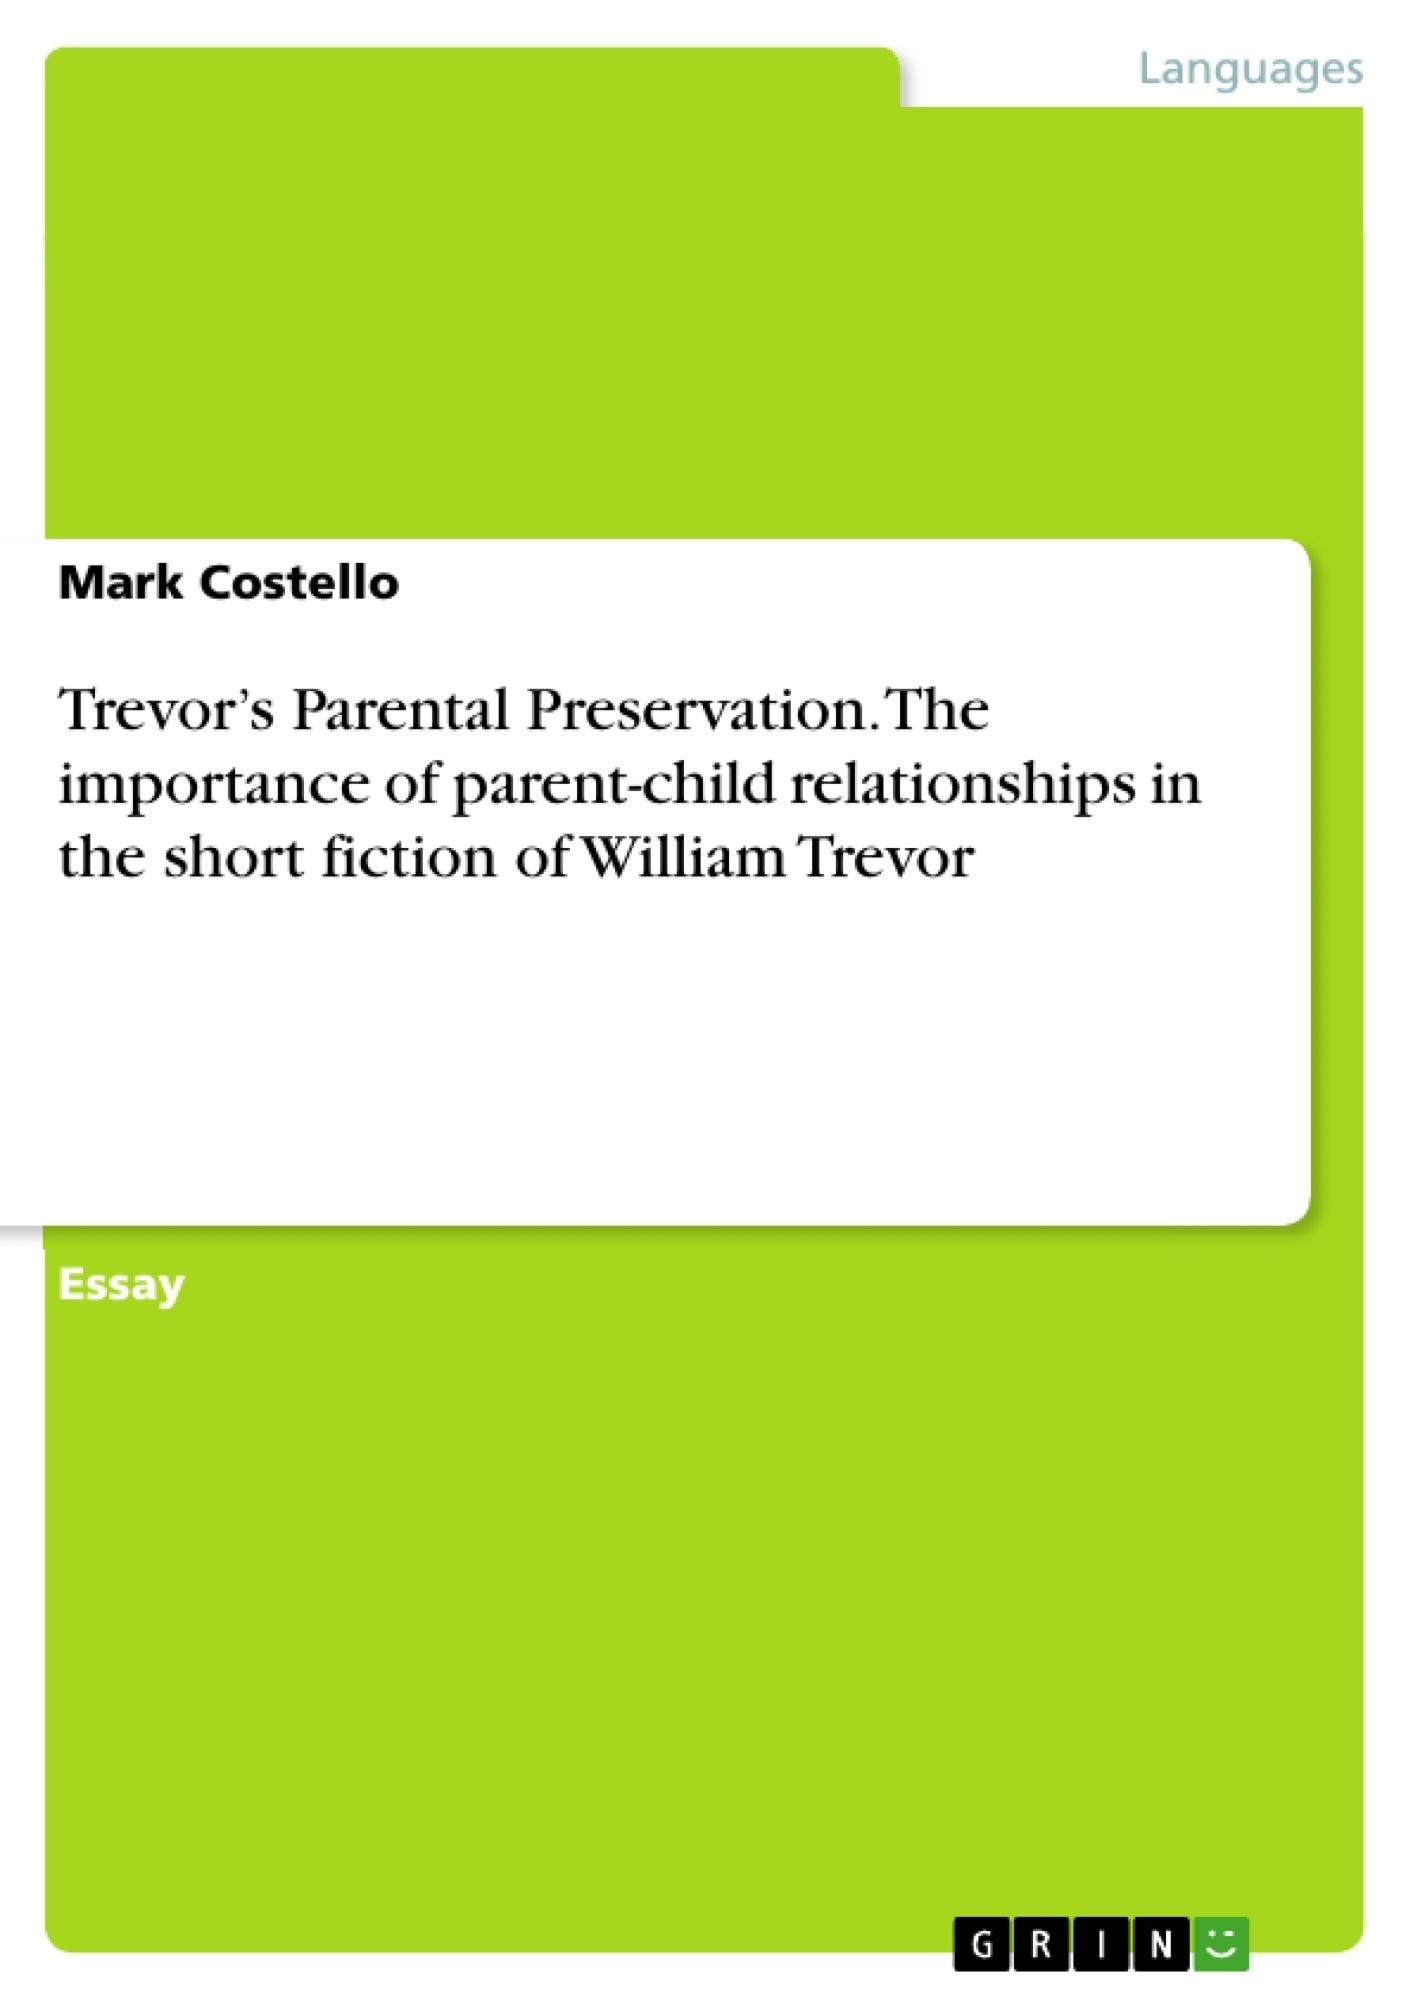 Title: Trevor's Parental Preservation. The importance of parent-child relationships in the short fiction of William Trevor